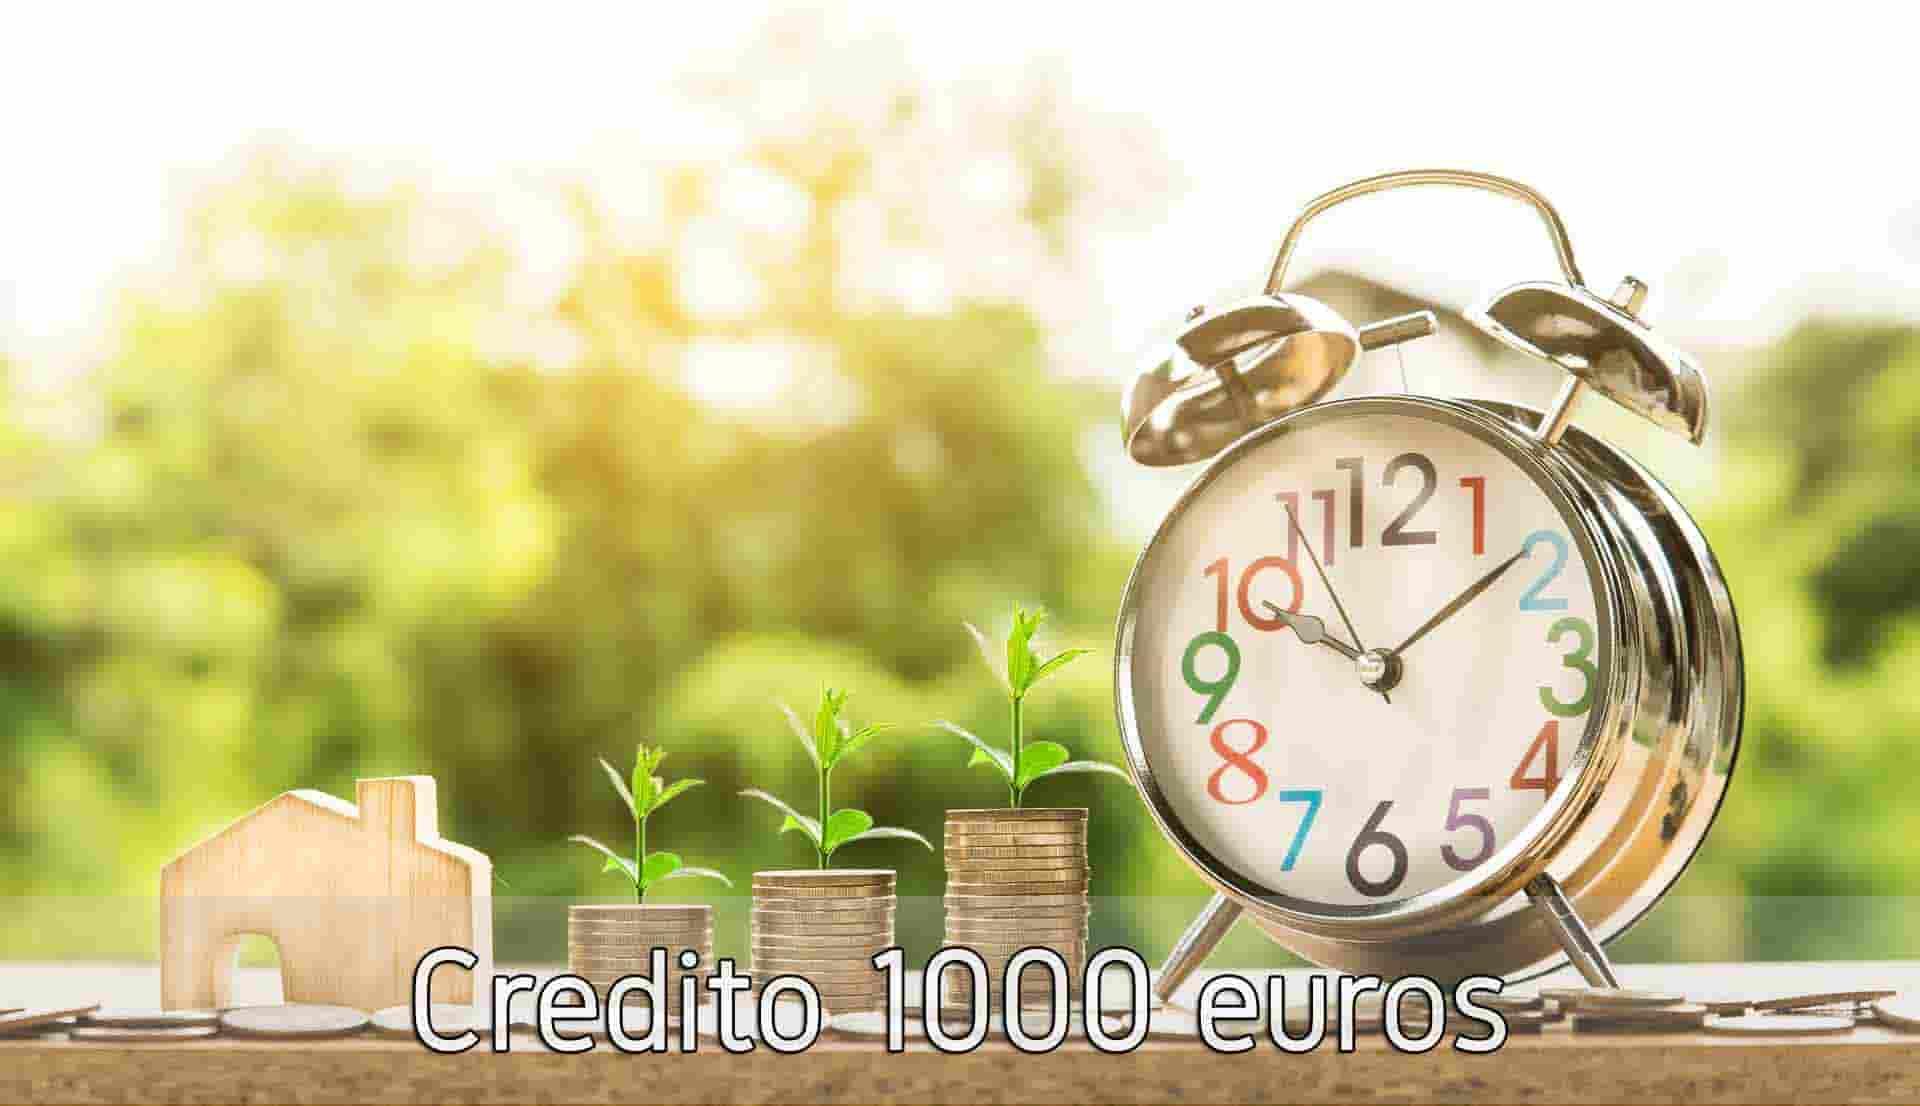 Credito 1000 euros